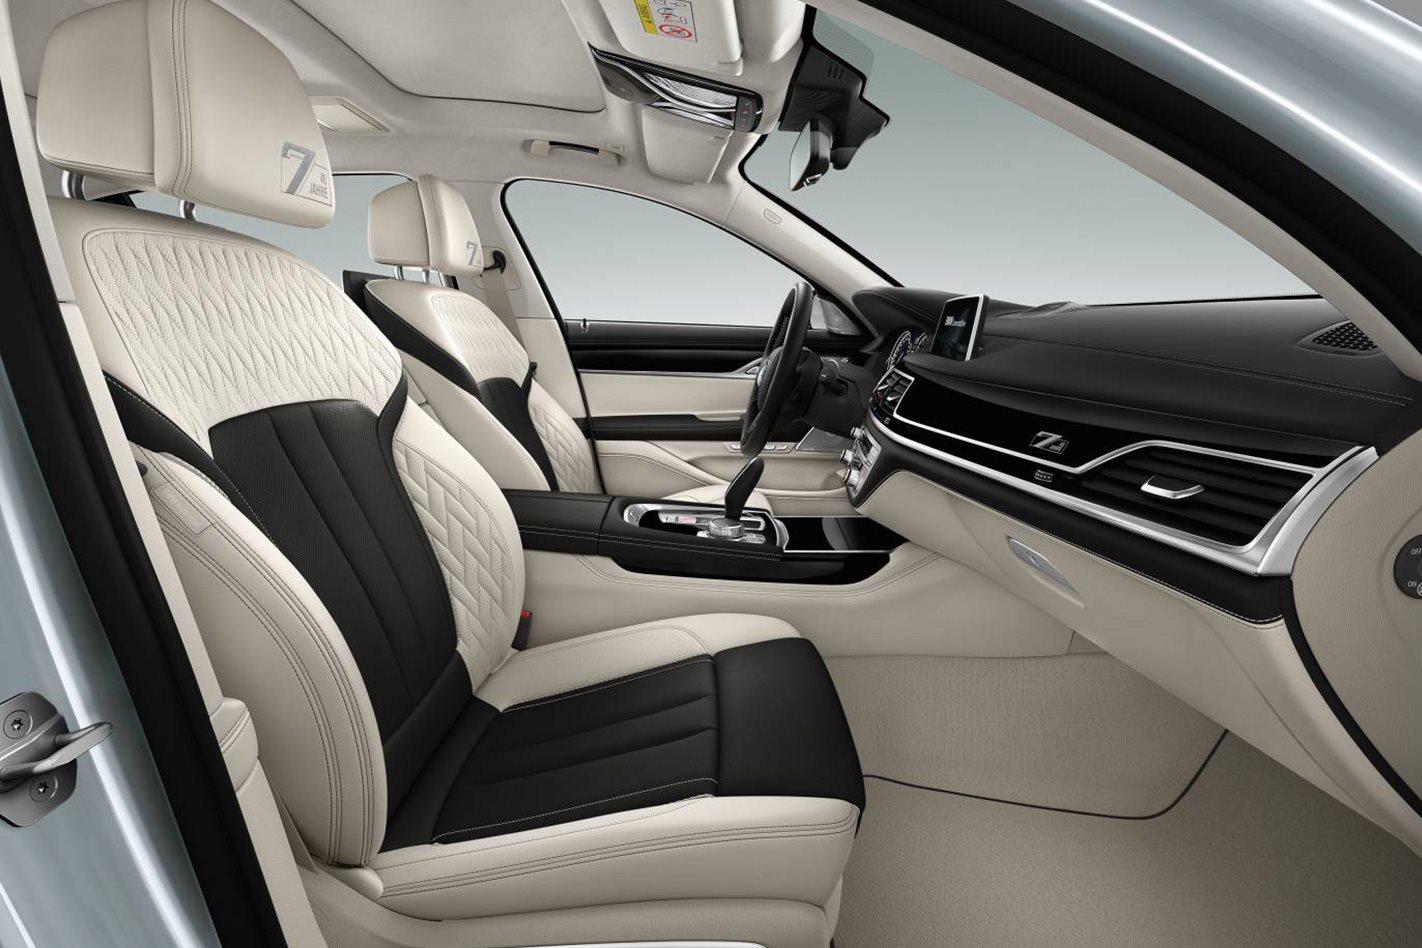 BMW 7 Series 40 Jahre interior